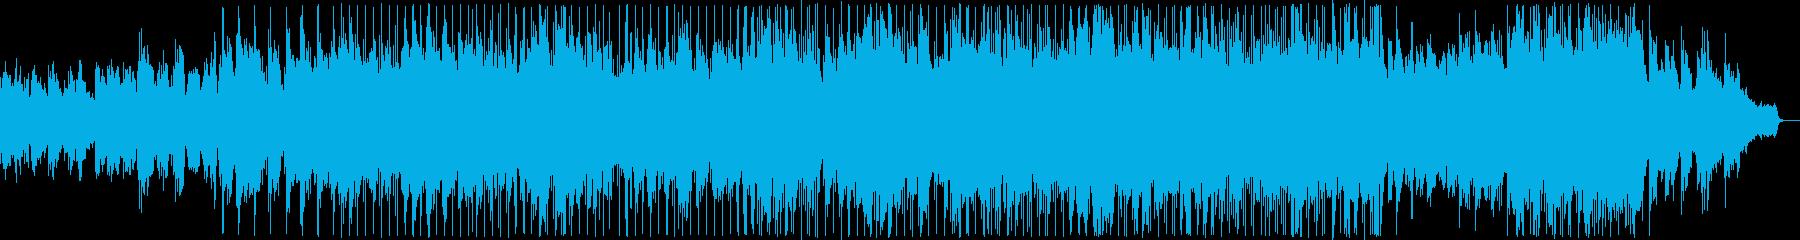 優しい雰囲気のバラード7の再生済みの波形